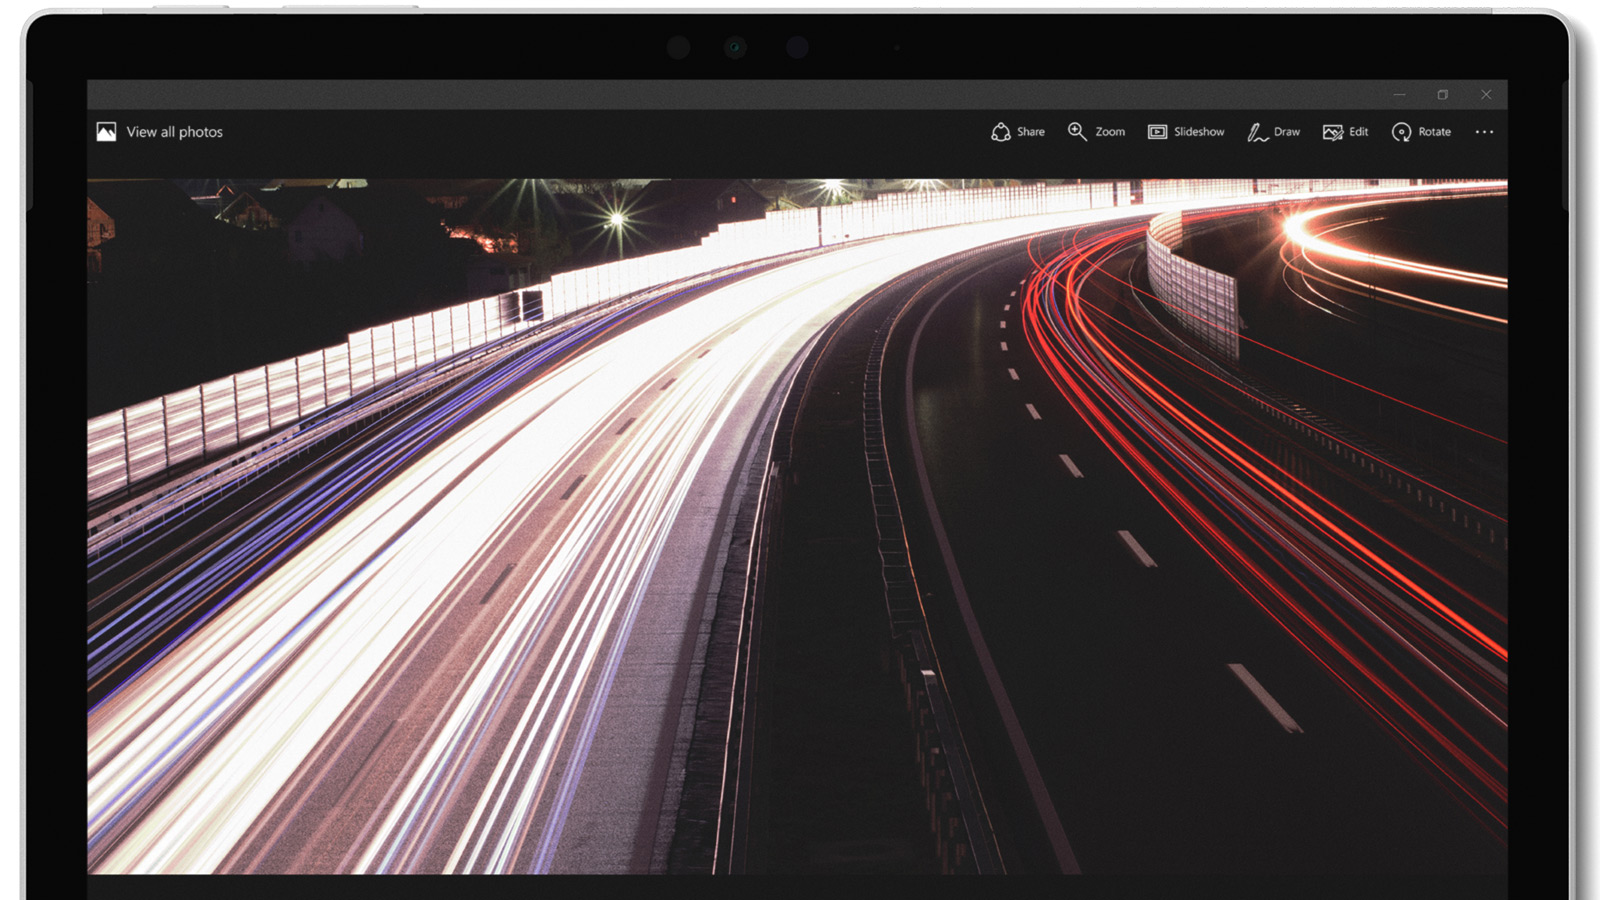 """Surface Pro z wyświetlaczem PixelSense™ o przekątnej 12,3"""" z doskonałym odwzorowaniem kolorów i ostrą rozdzielczością"""